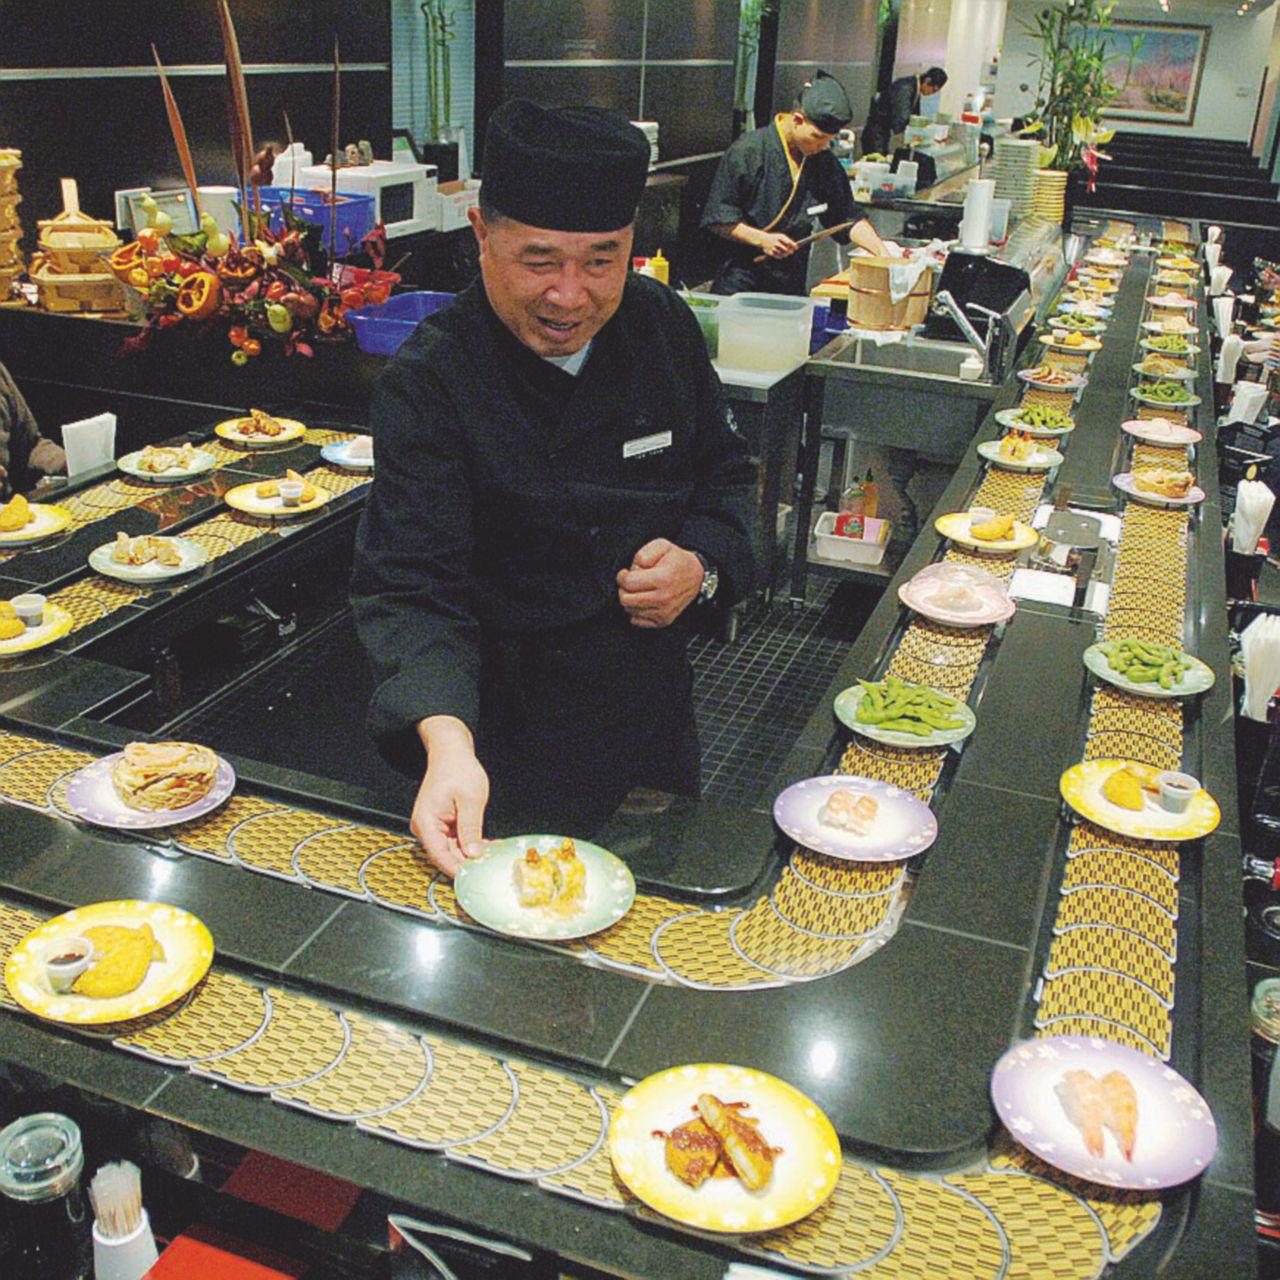 Sushi ovunque, a prezzi irrisori: più che cibo, te la danno a bere